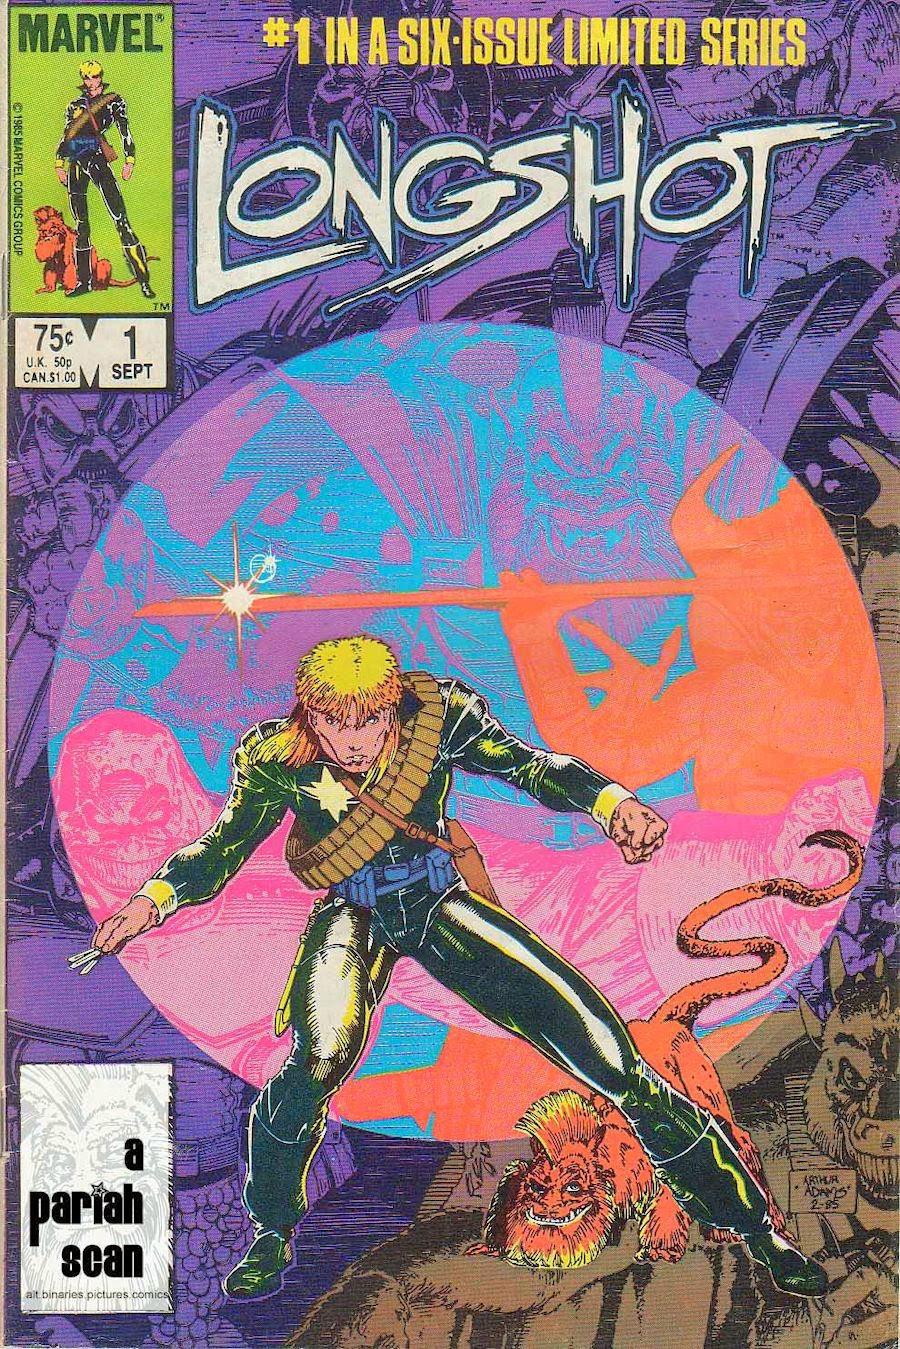 História em Quadrinhos - Longshot - Marvel